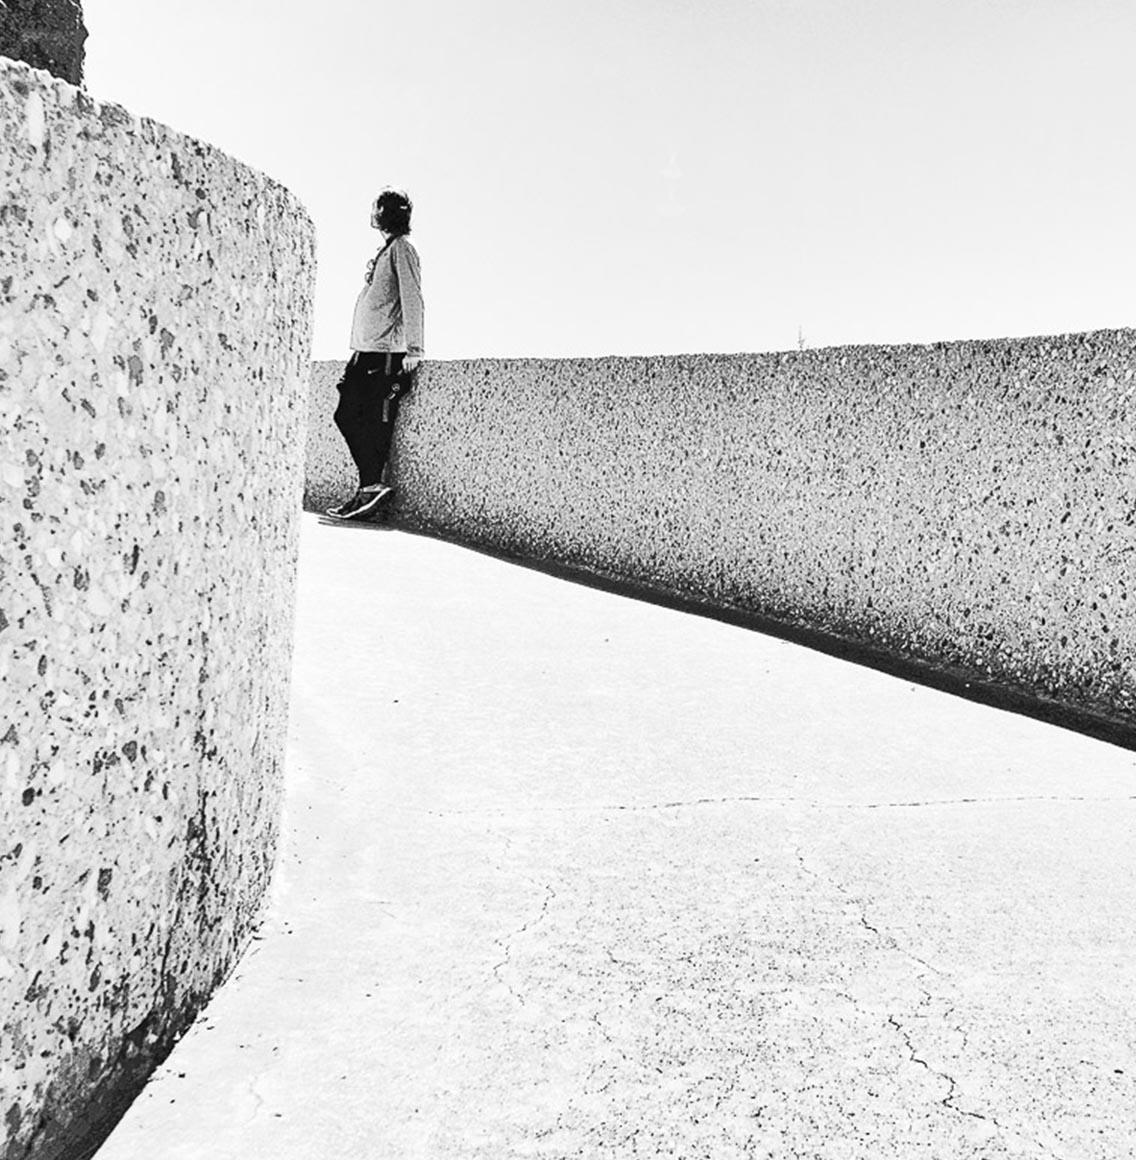 kieron beard street photogephy featured on silvergumtype photographers blog